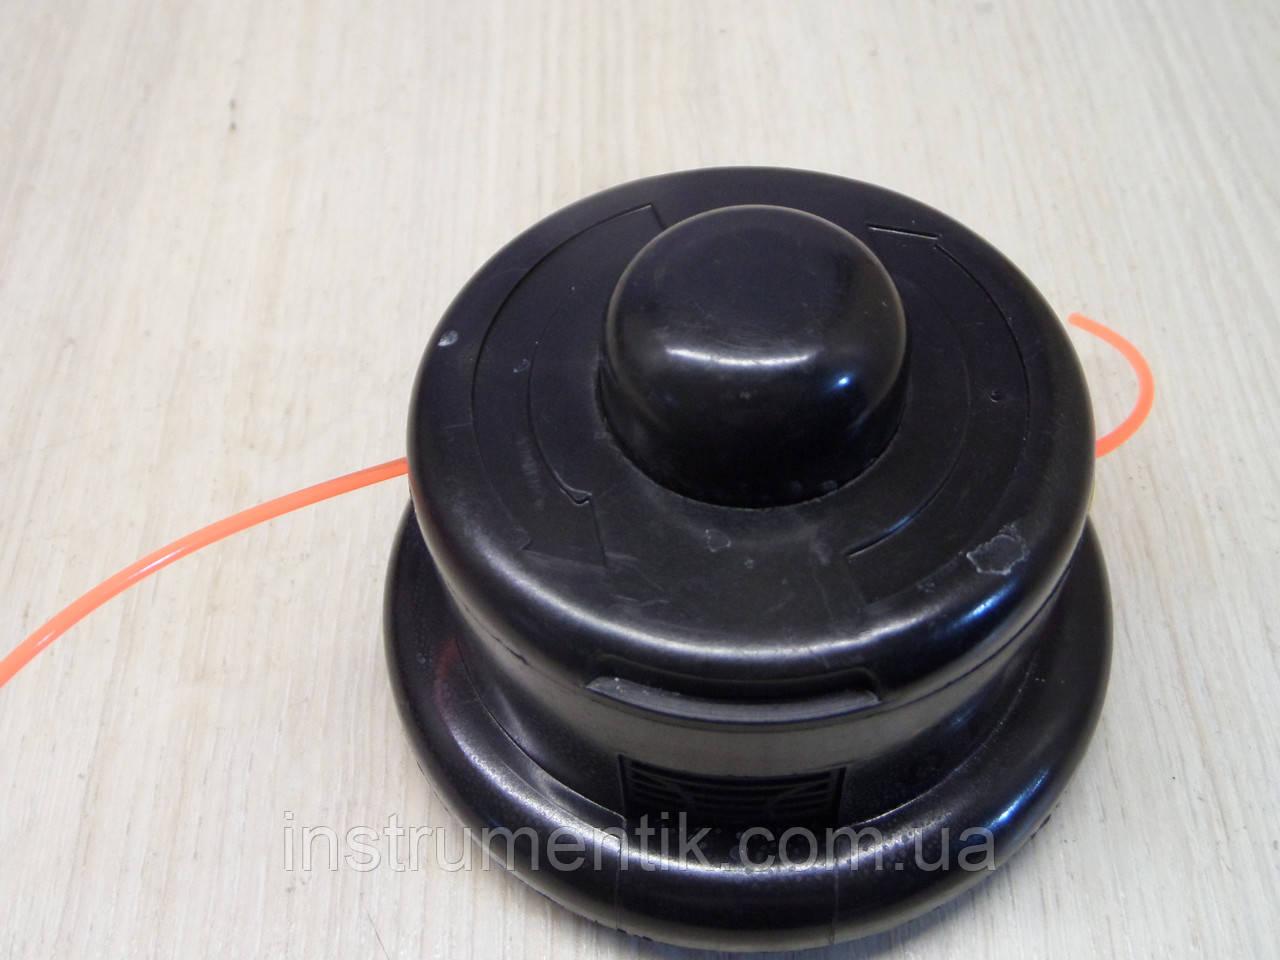 Катушка для электрокосы без носика 7 мм юбка